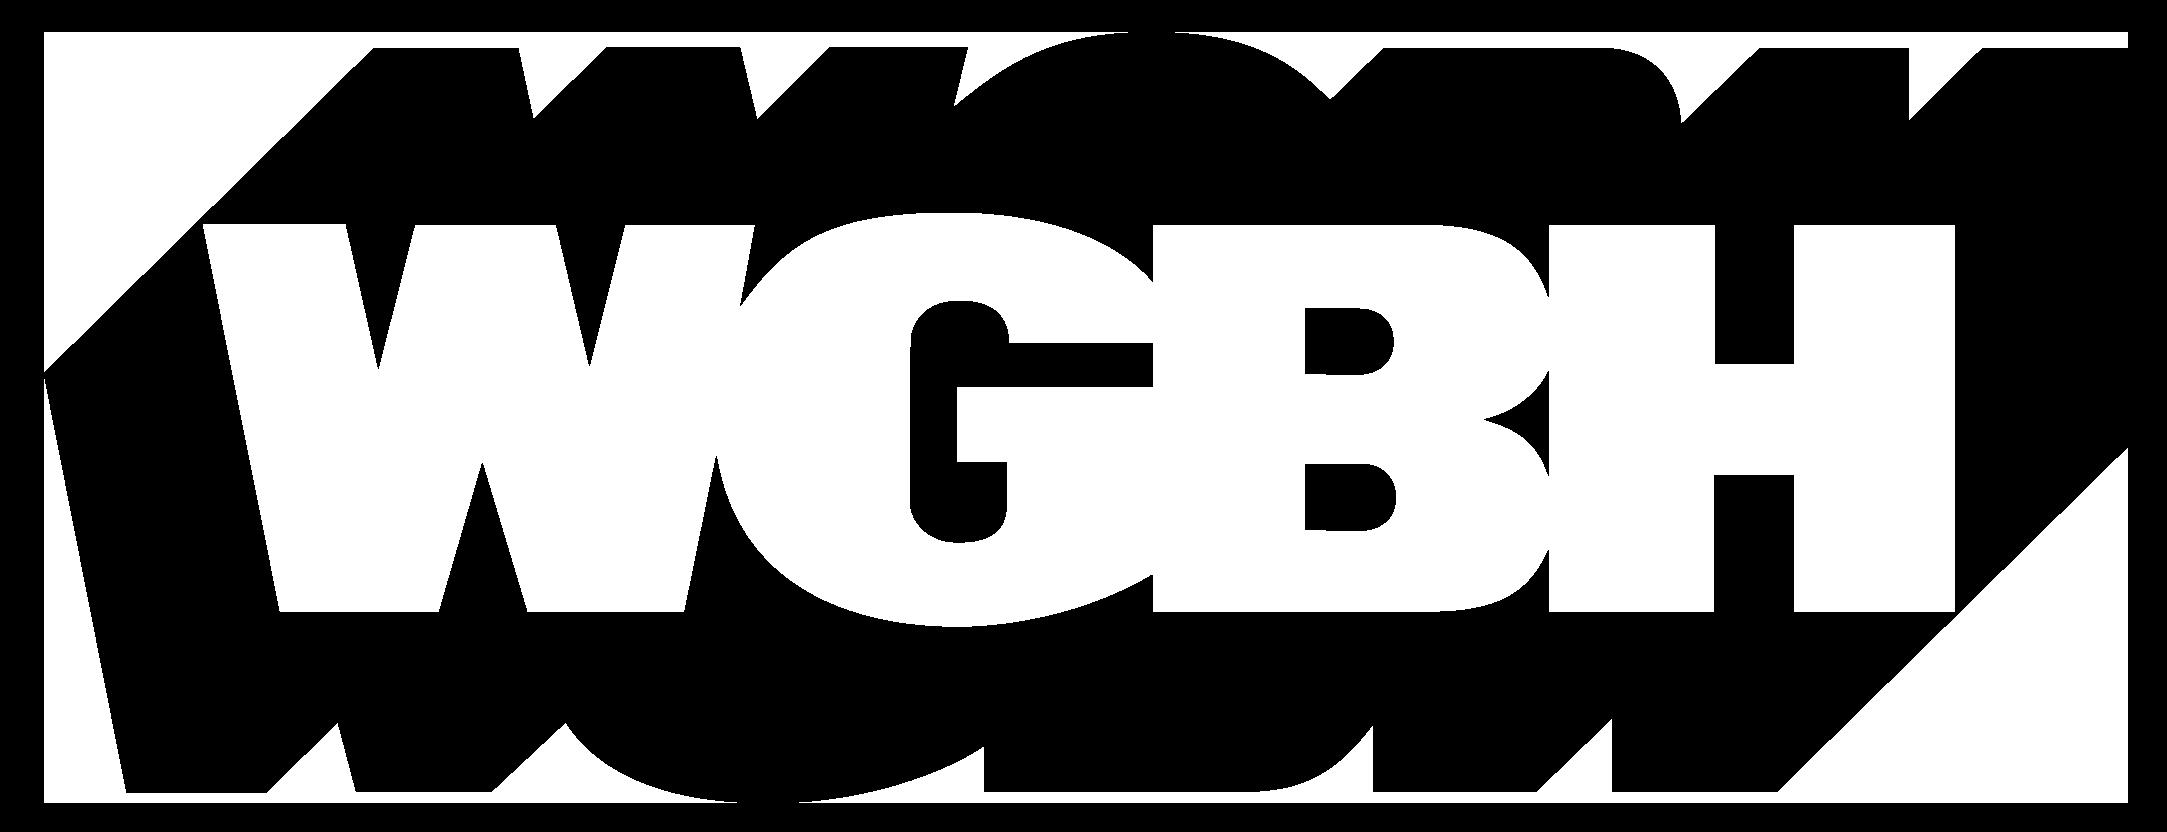 WGBH_2